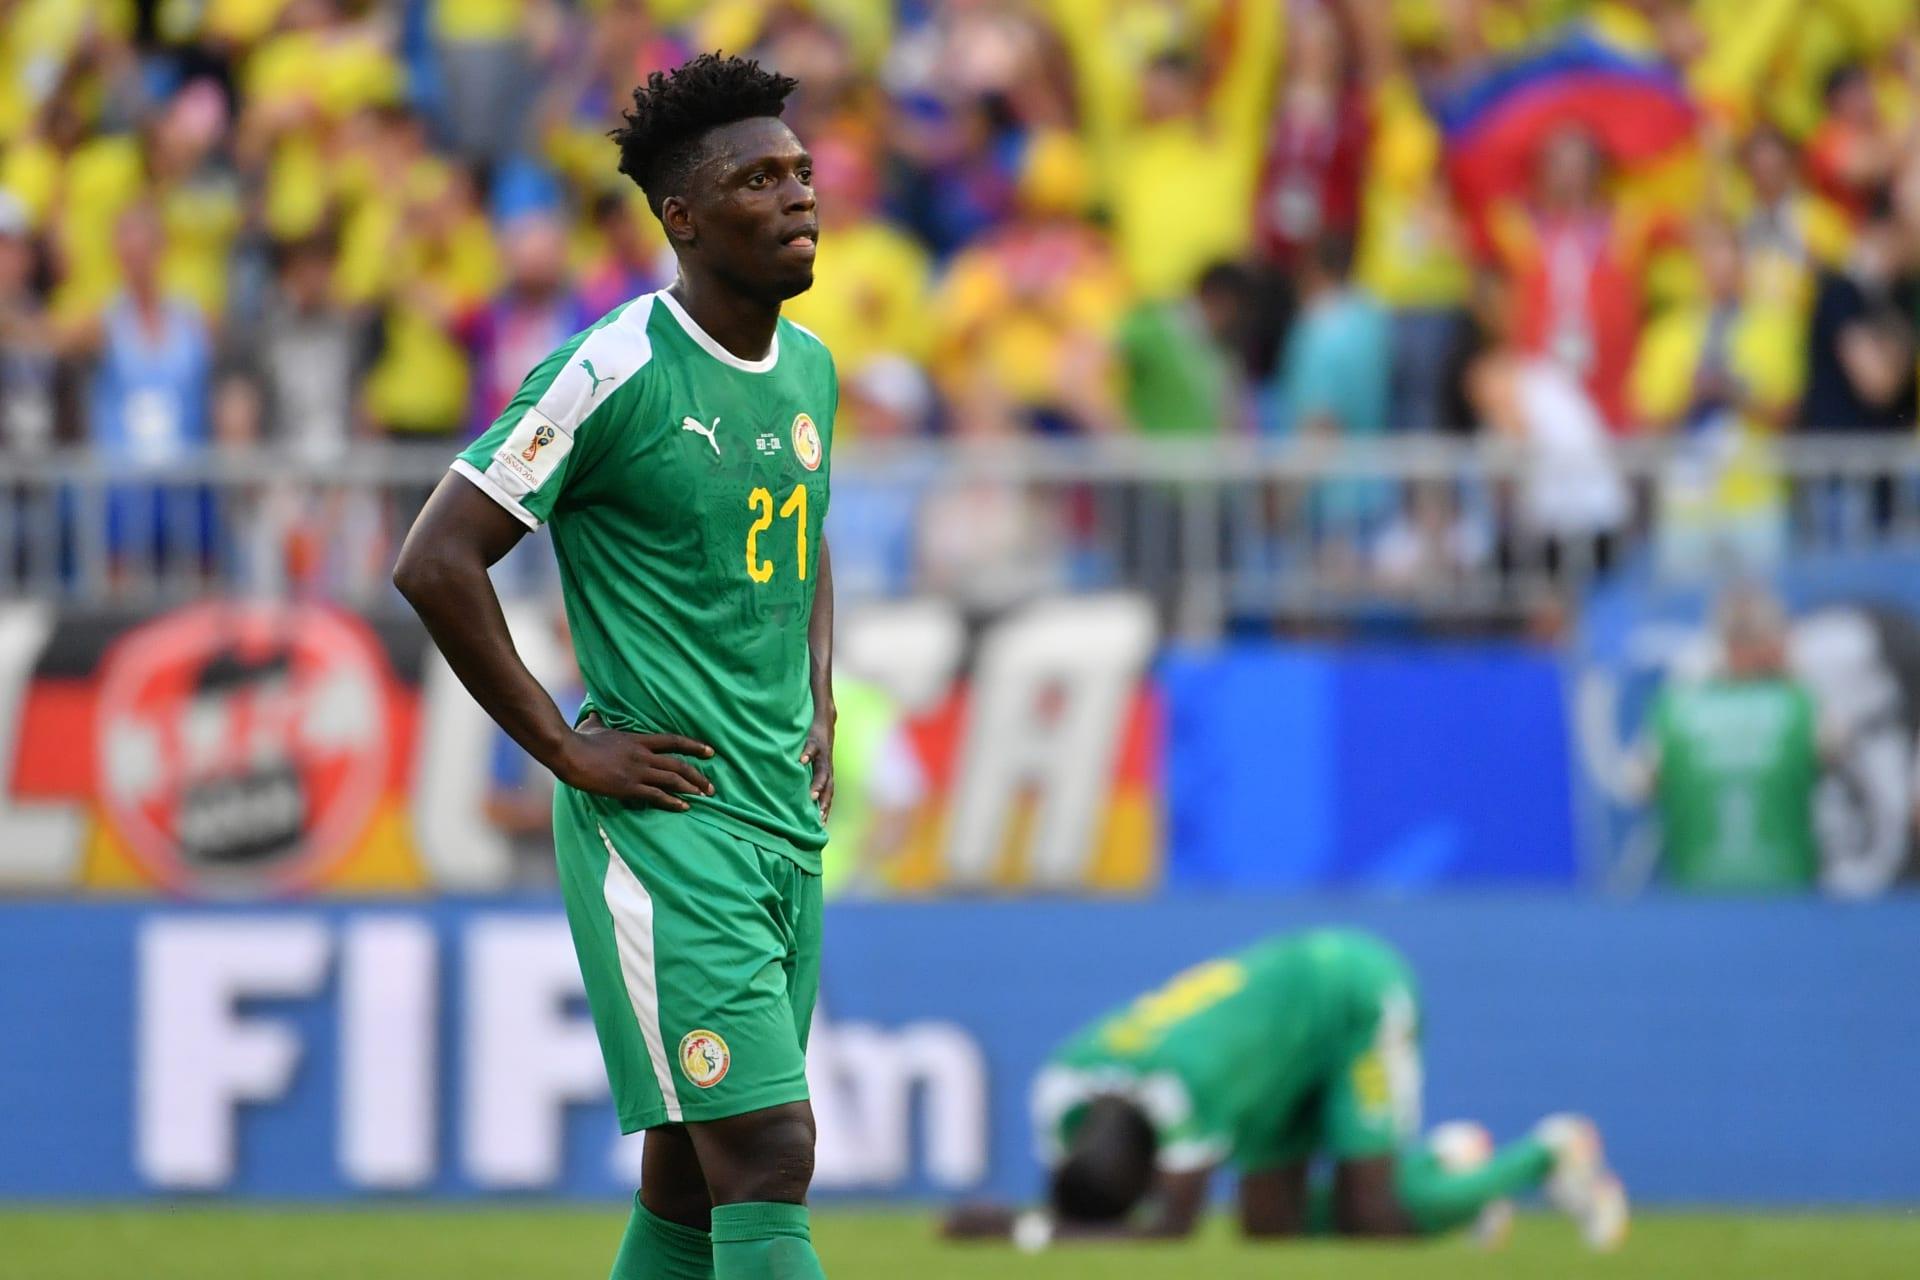 بعد خروج السنغال.. رقم سلبي لأفريقيا في كأس العالم 2018